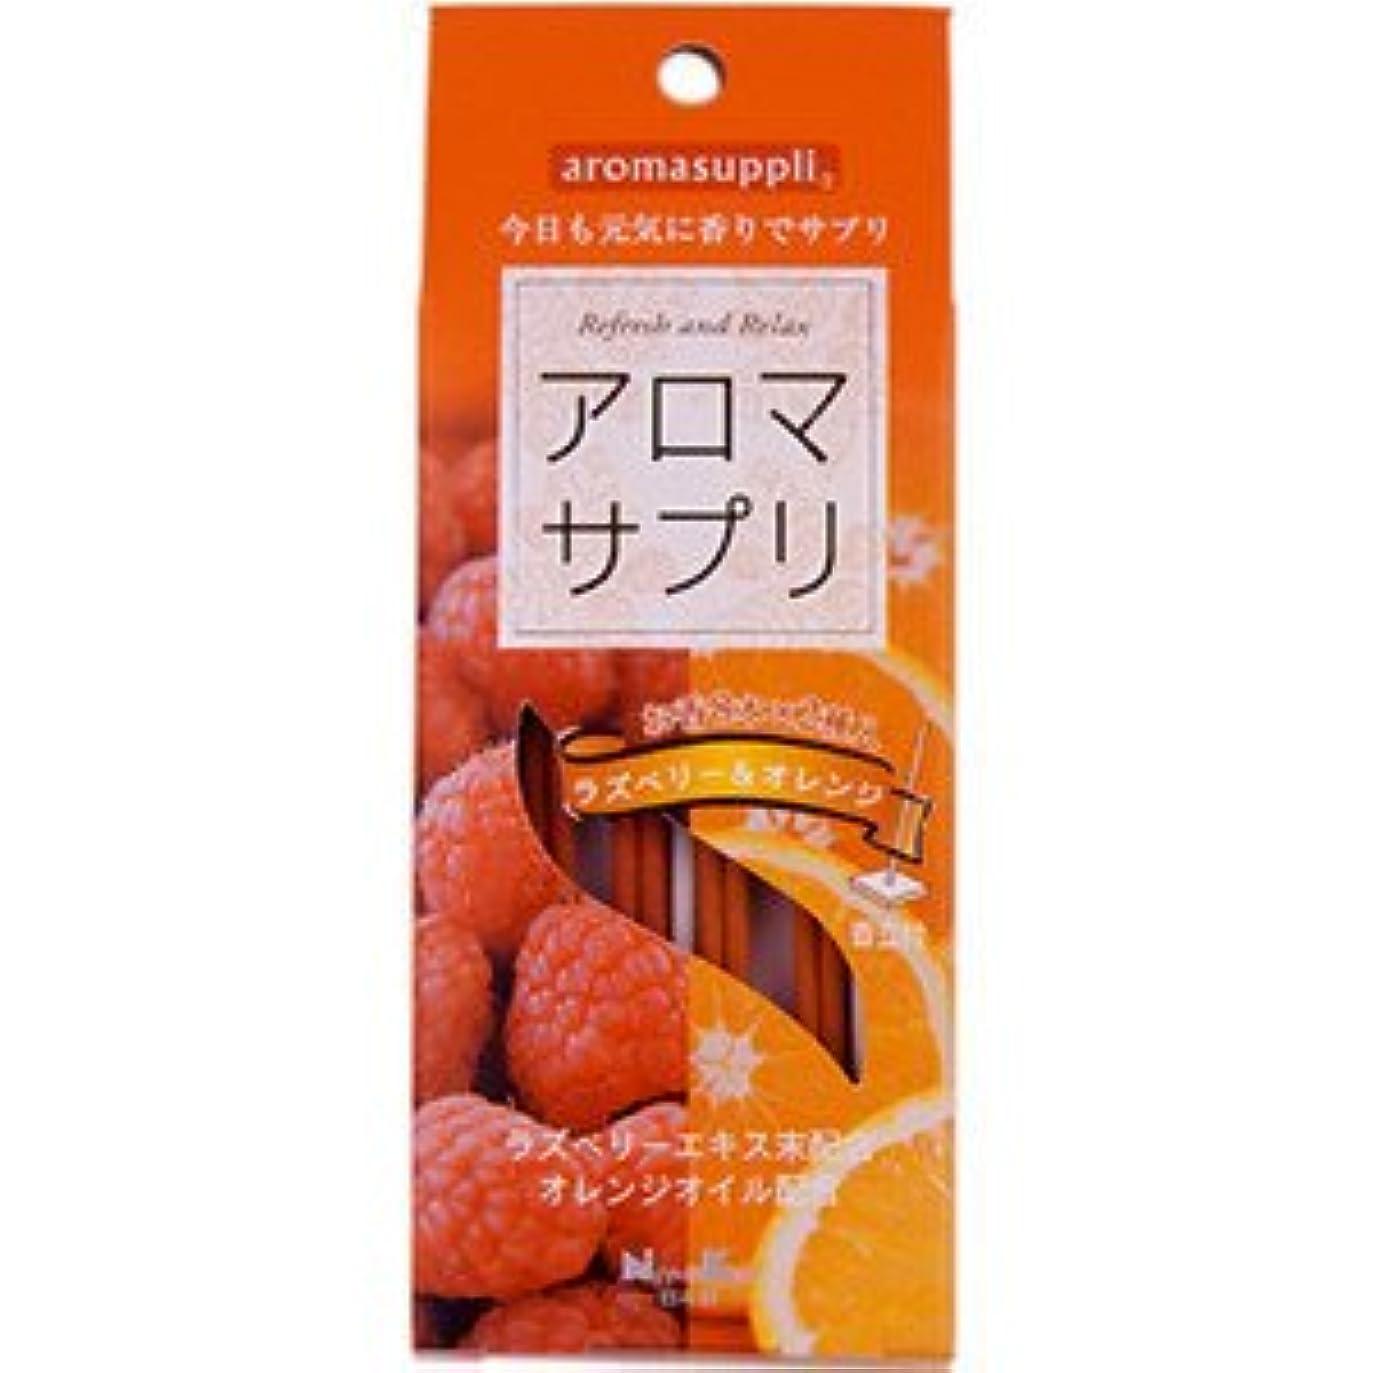 注ぎますあるアーカイブ日本香堂 アロマサプリ ラズベリー&オレンジ